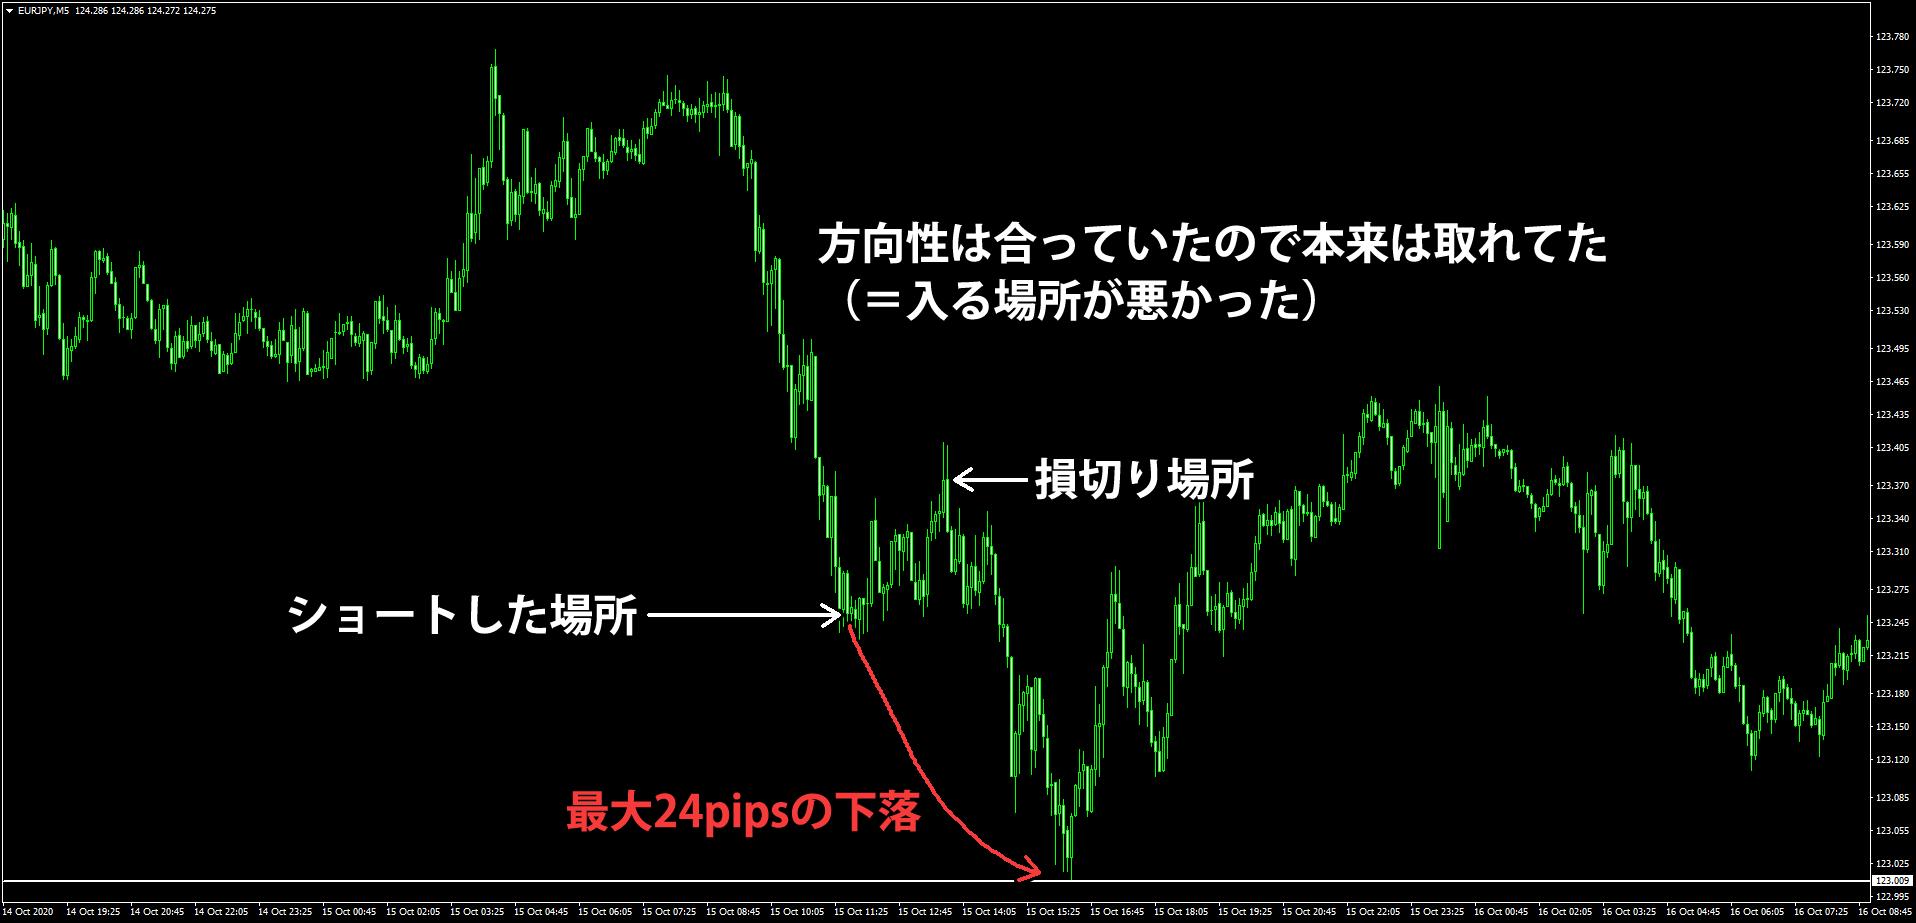 (サンプル)ユーロ円の損切りした後の値動き